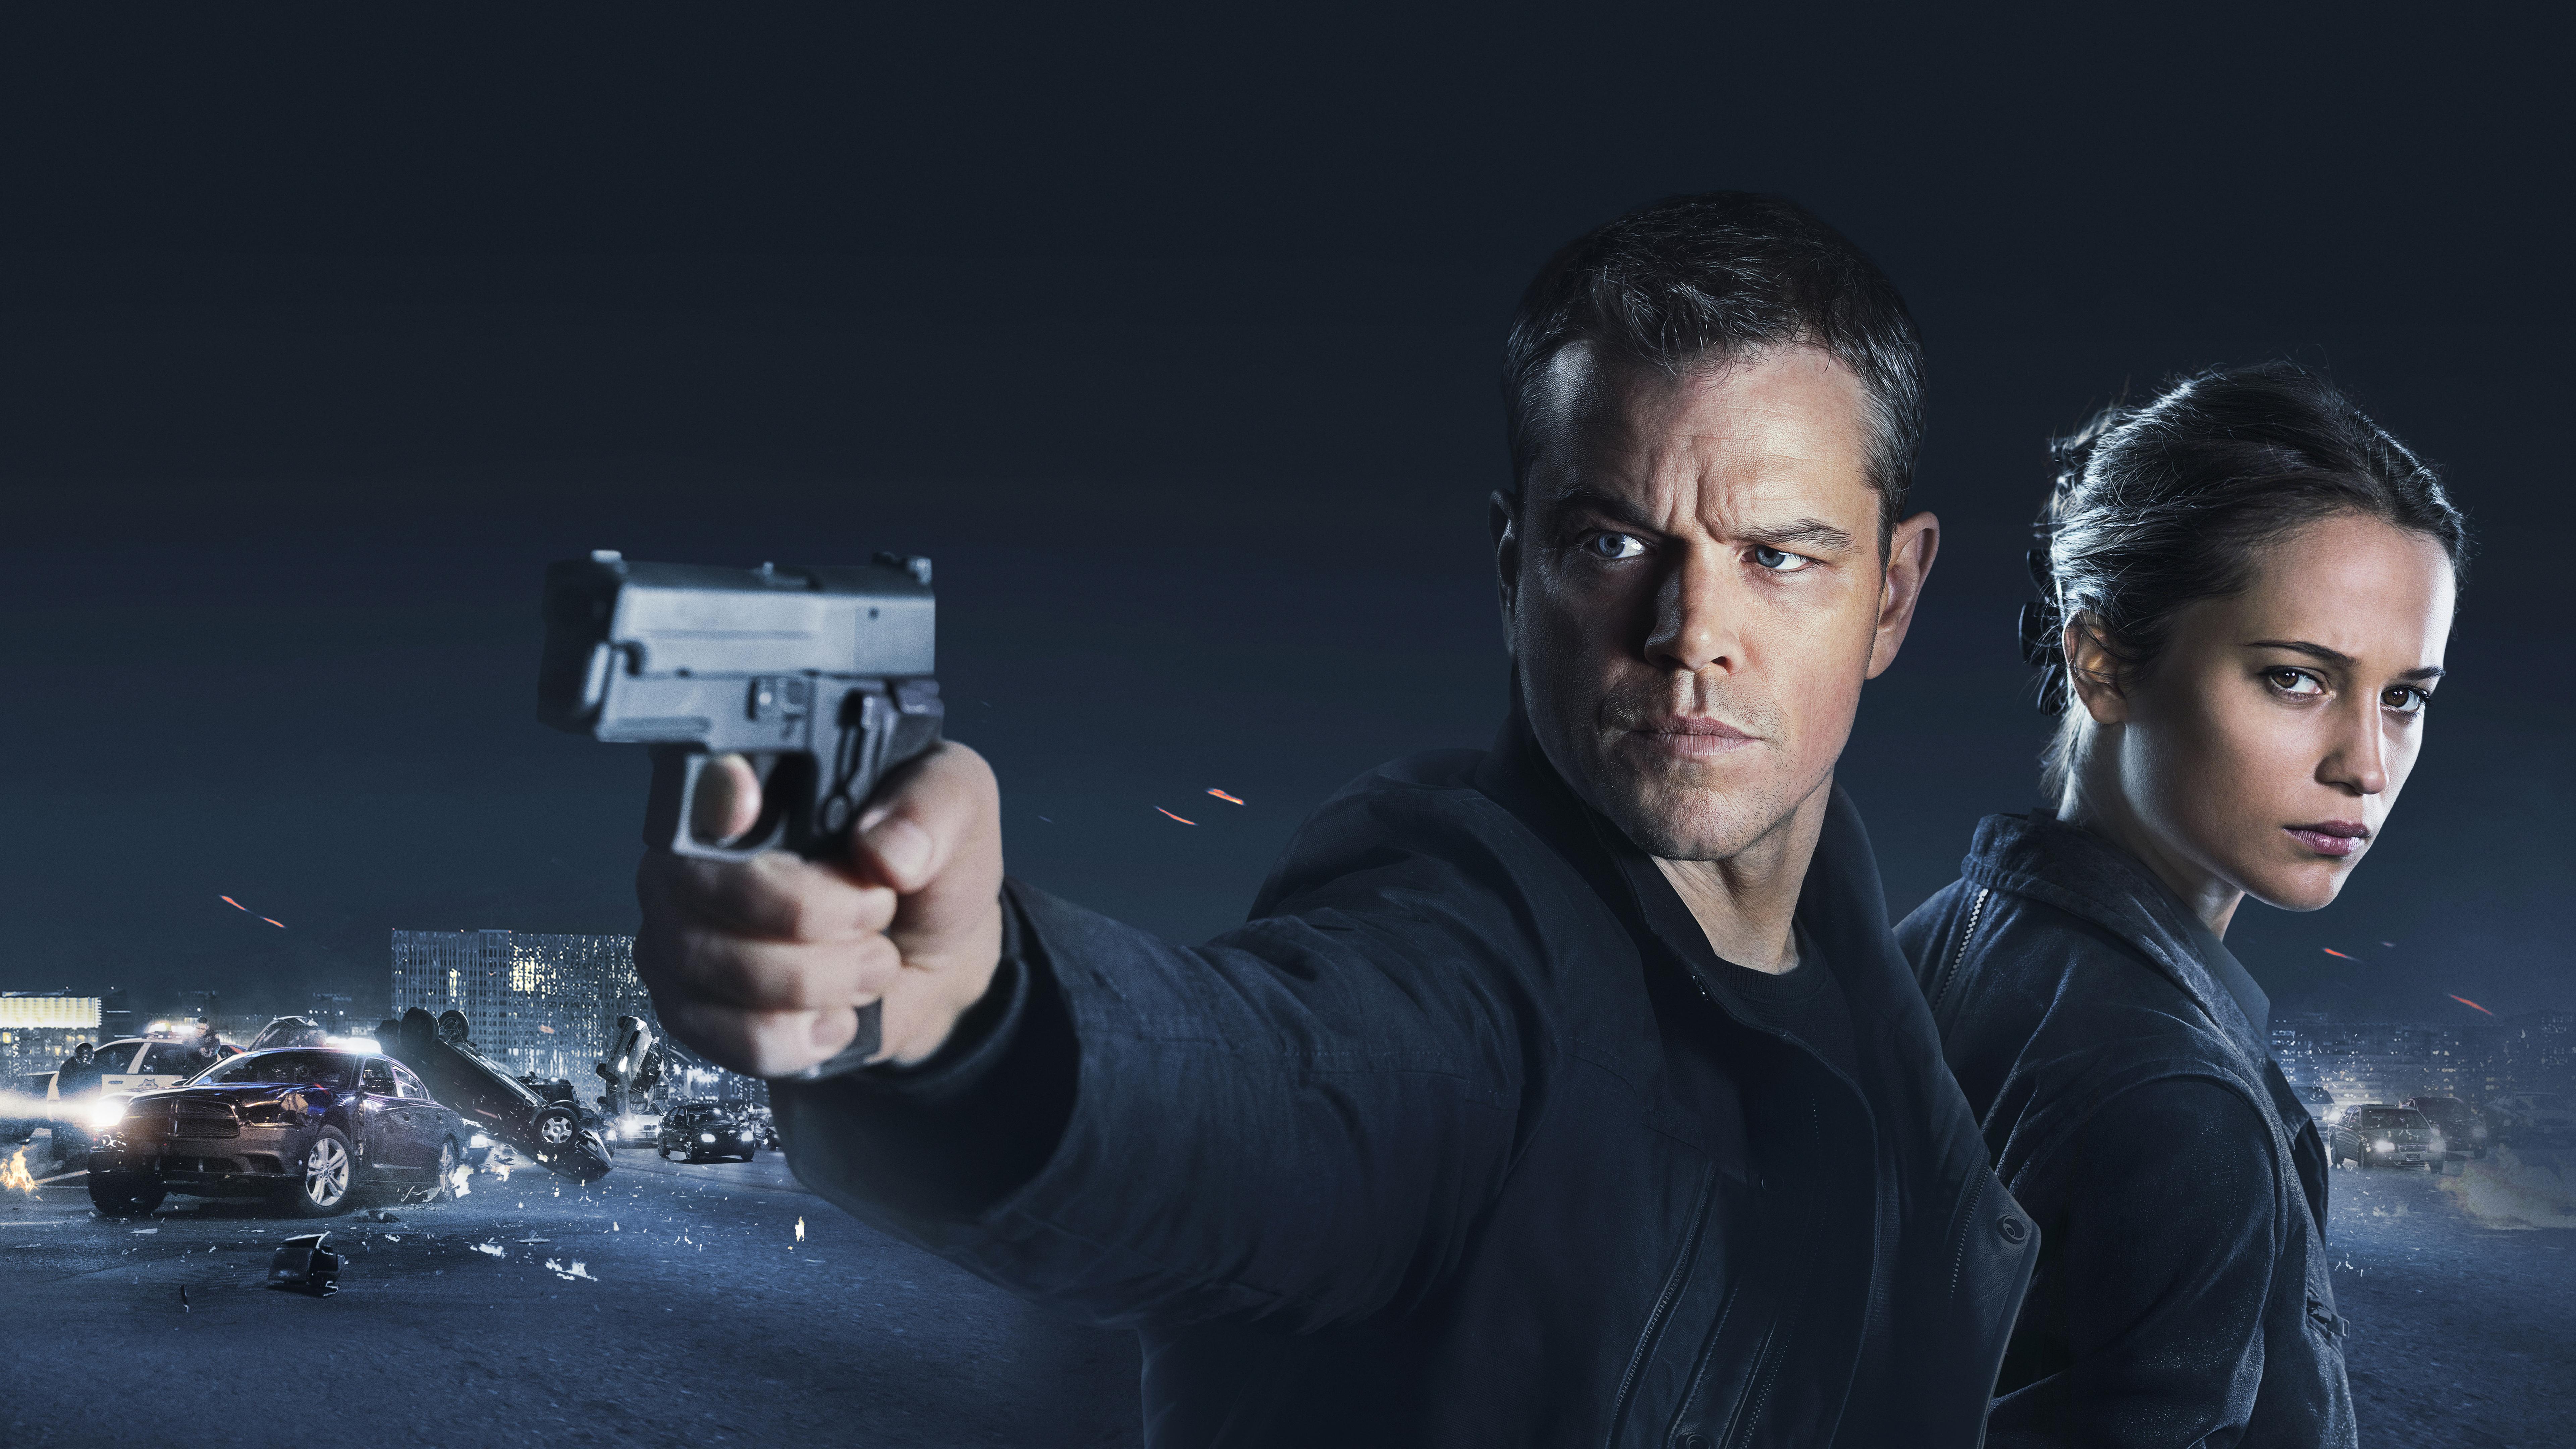 Jason Bourne 8K Desktop Background | Computer Background Images